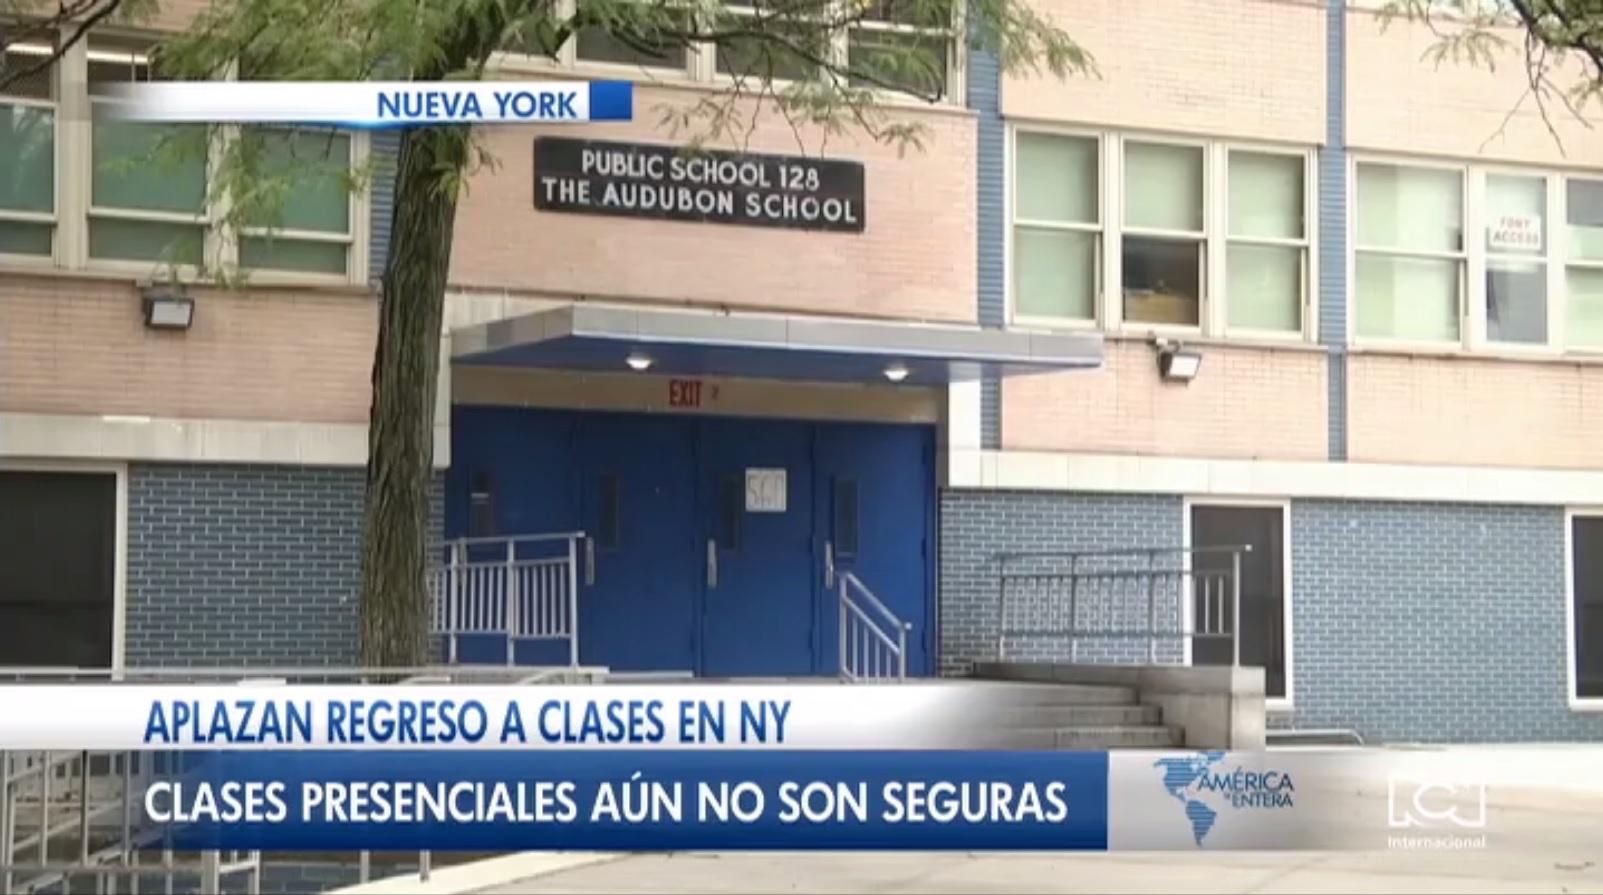 Nueva York aplazó la reactivación de clases presenciales